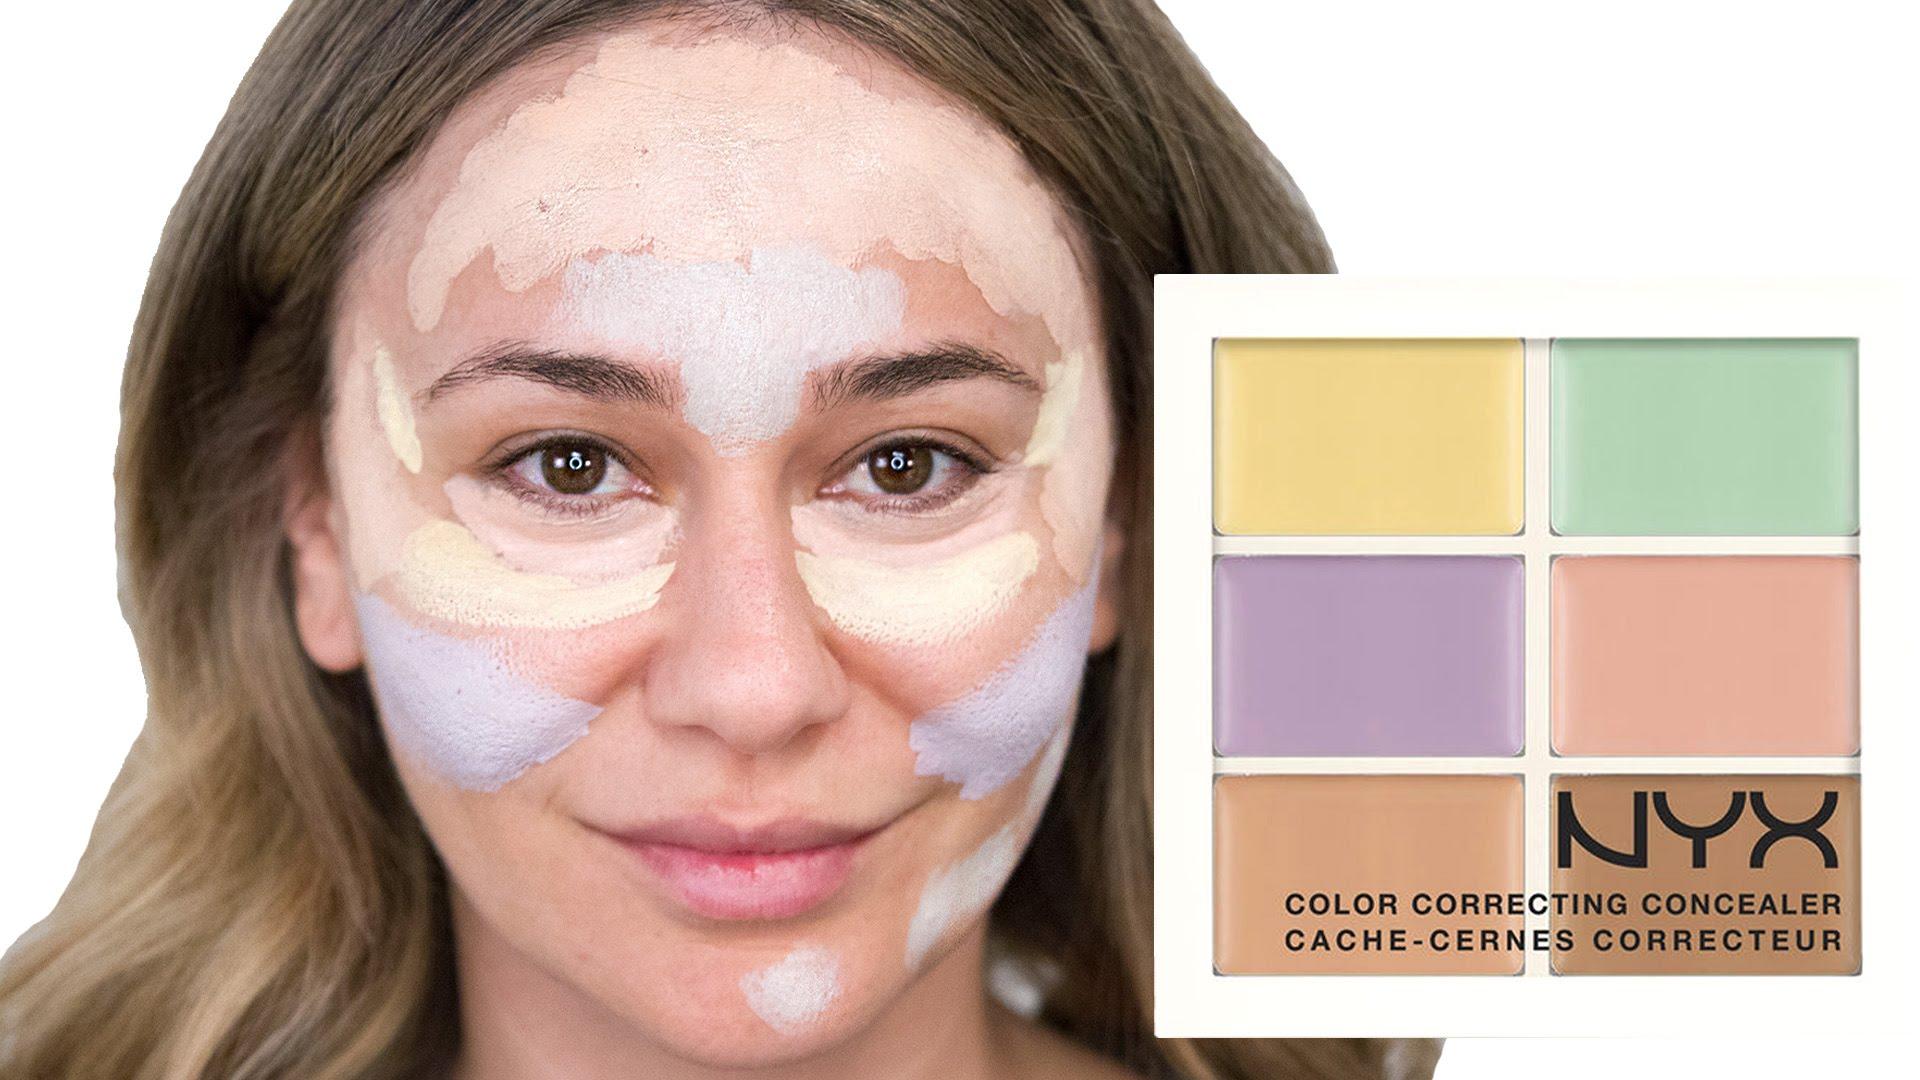 Sử dụng bảng che khuyết điểm hiệu chỉnh màu da sao cho đúng?